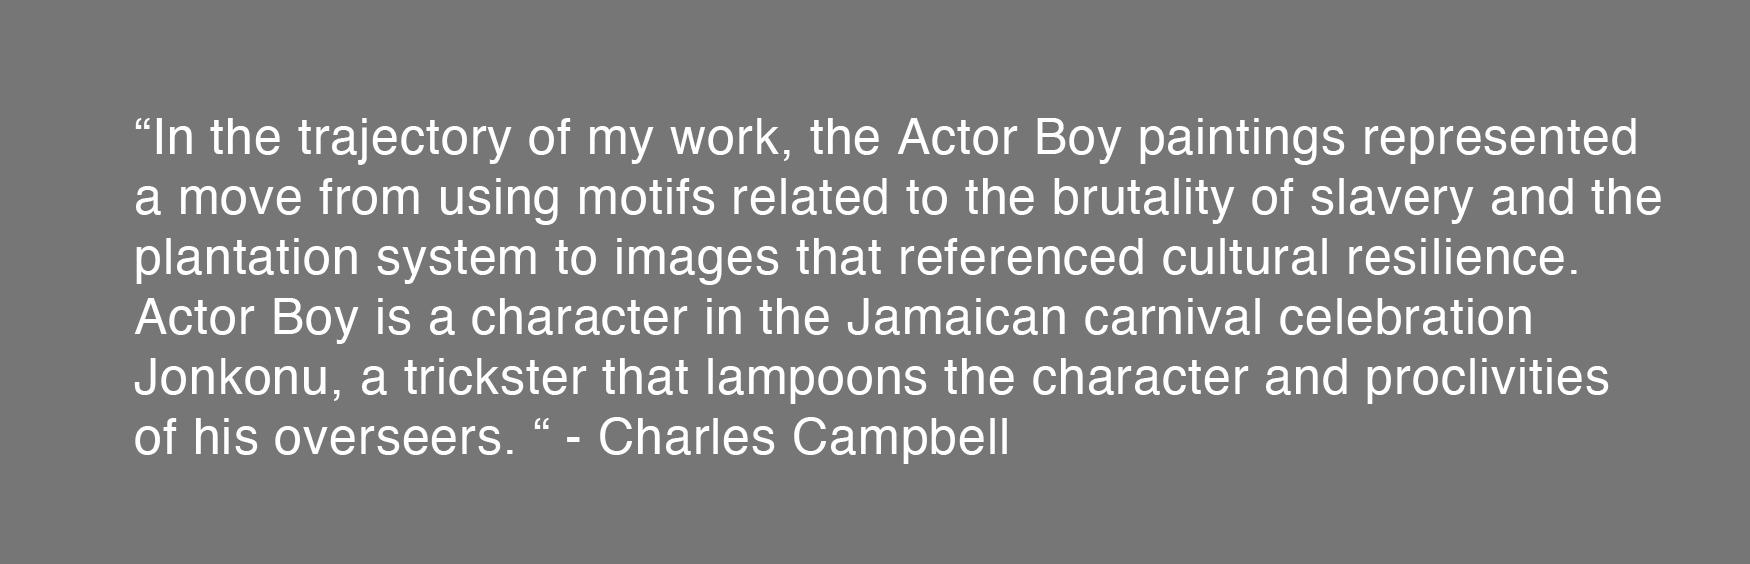 charlescampbelltext2